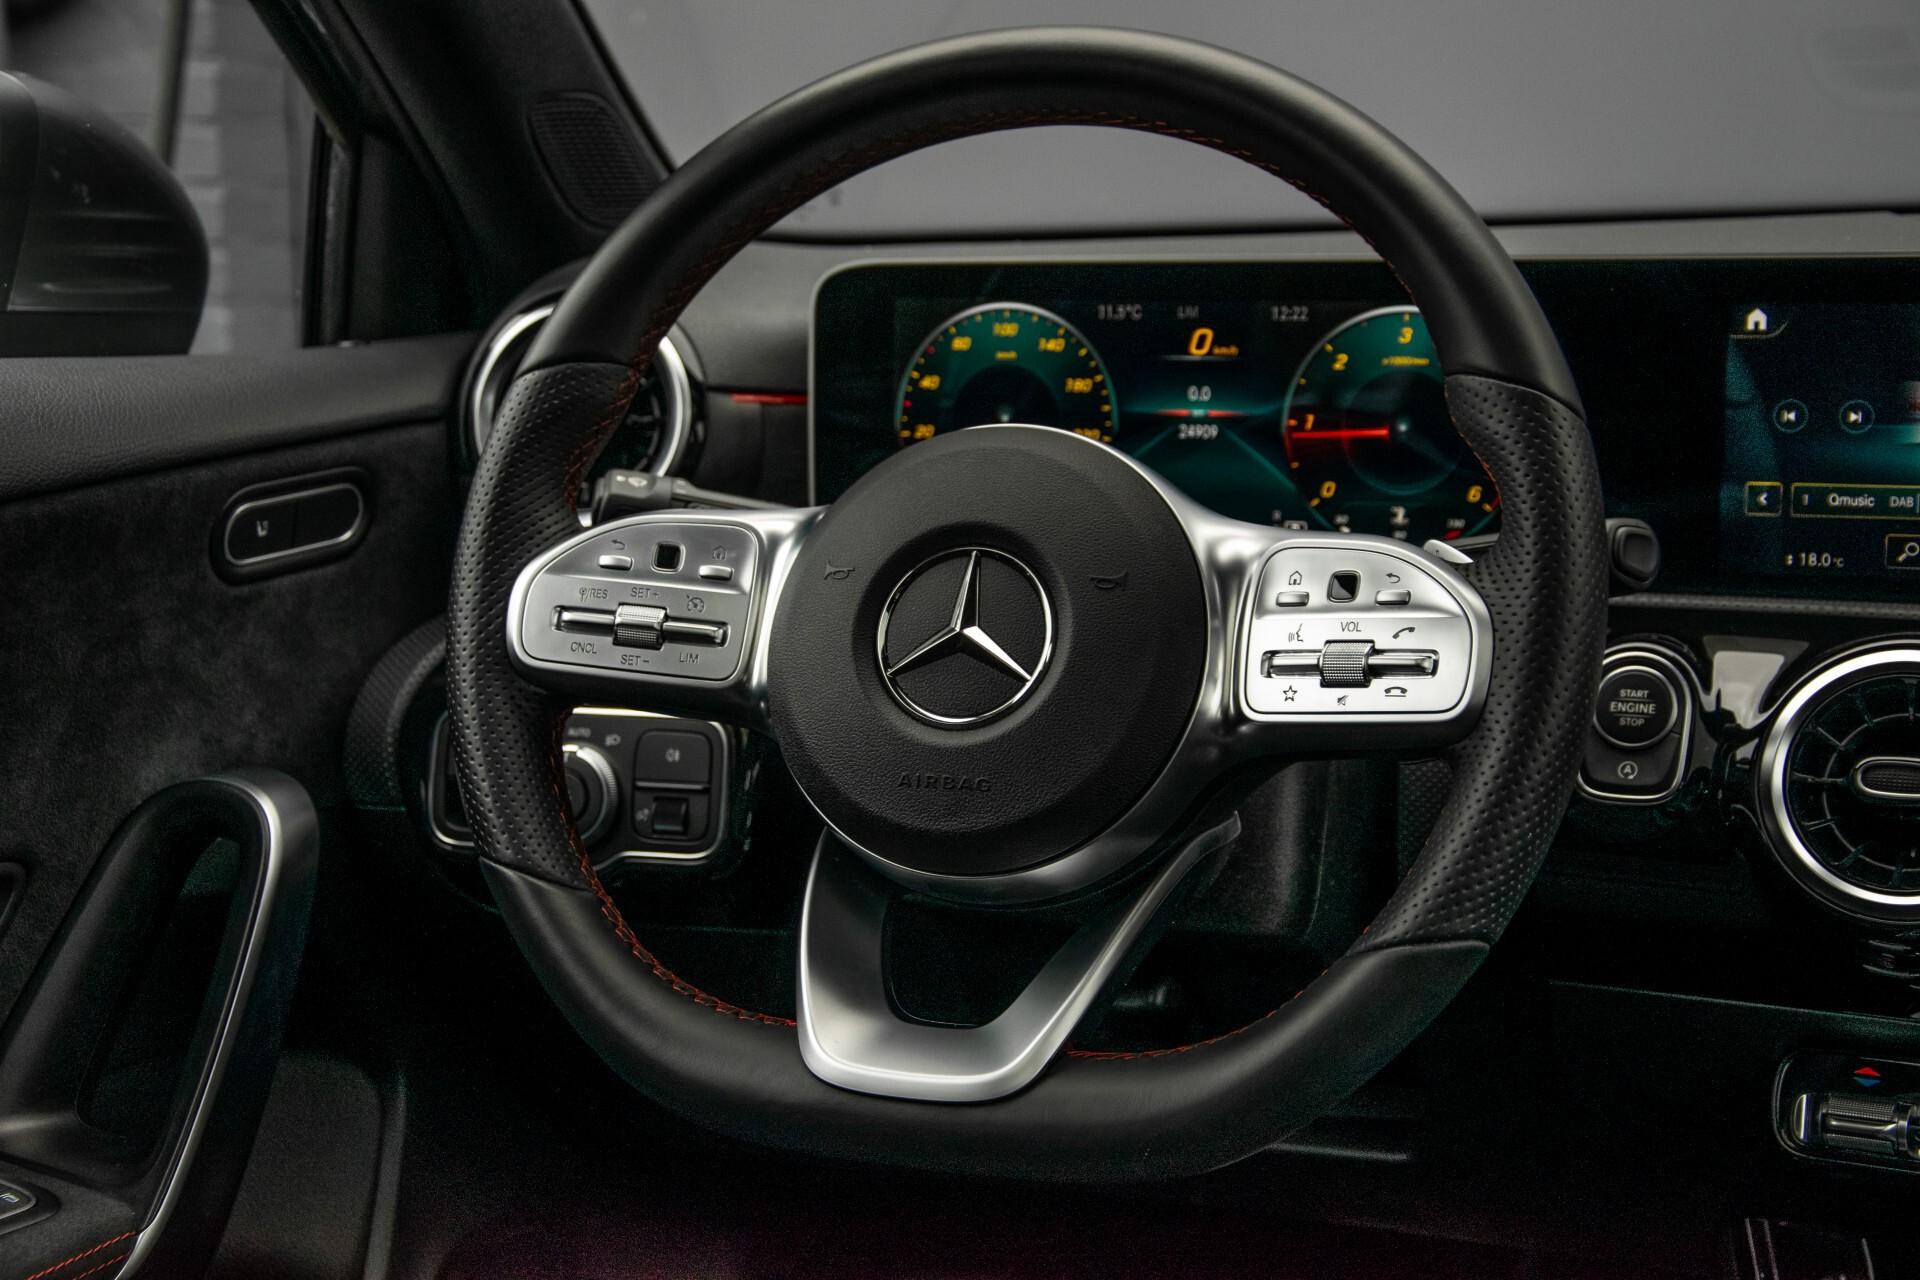 Mercedes-Benz A-Klasse 180 d AMG Panorama/MBUX/DAB/LED Aut7 Foto 8